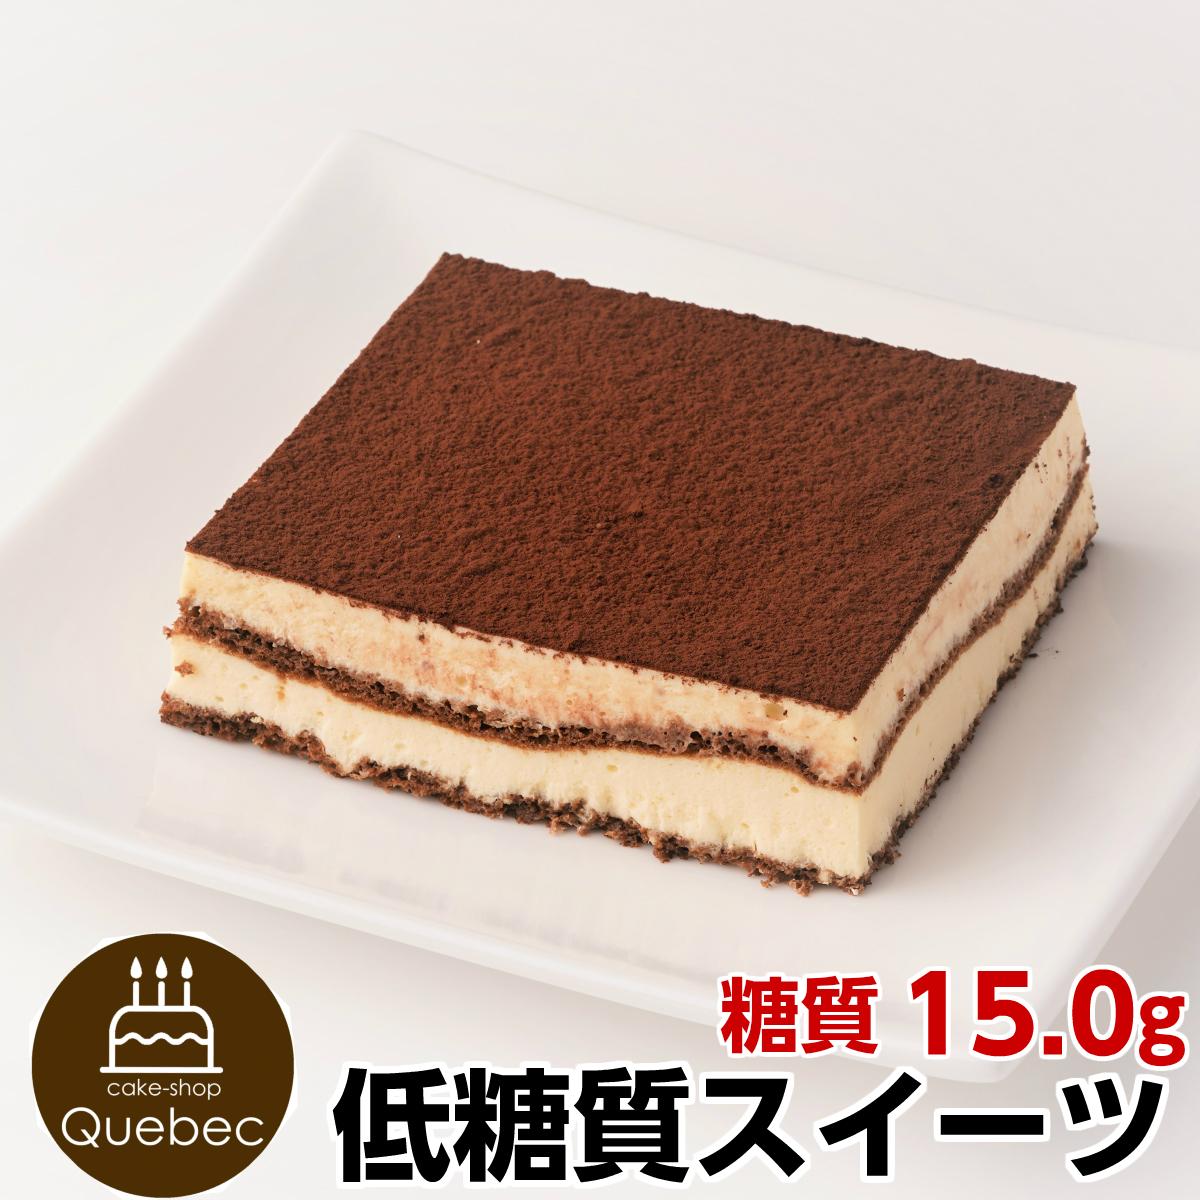 低糖質 贅沢なめらかティラミスケーキ 5.5号(約17.0×13.5cm) 低糖質スイーツ/砂糖不使用糖質79%カット カロリー20%カット 北海道産マスカルポーネ使用 コーヒー香る♪